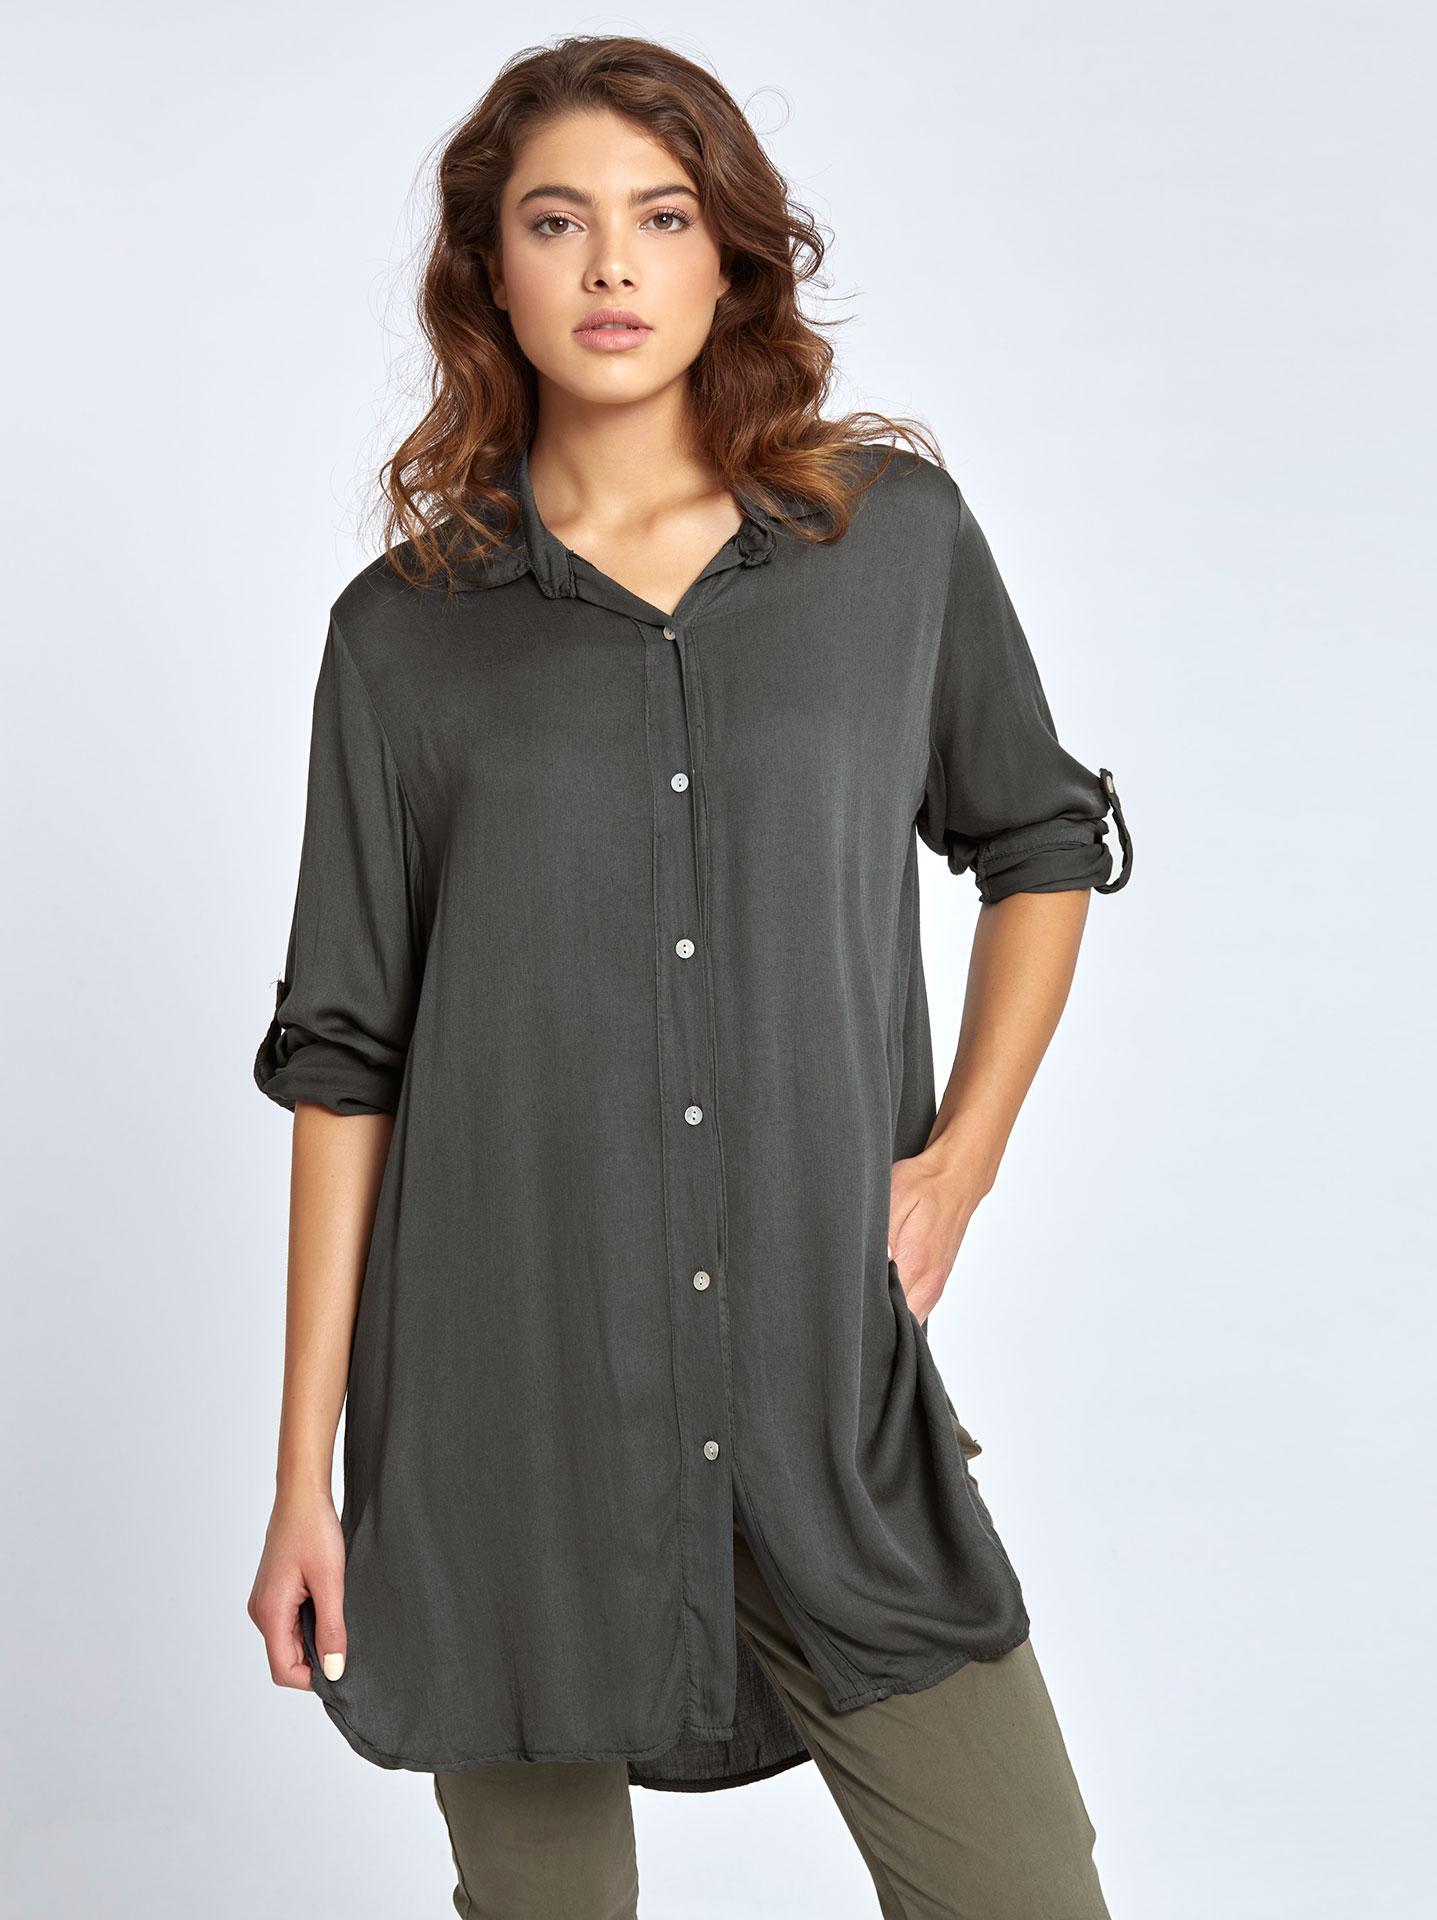 Μακρύ βαμβακερό πουκάμισο σε γκρι σκουρο 61f1f75c86b